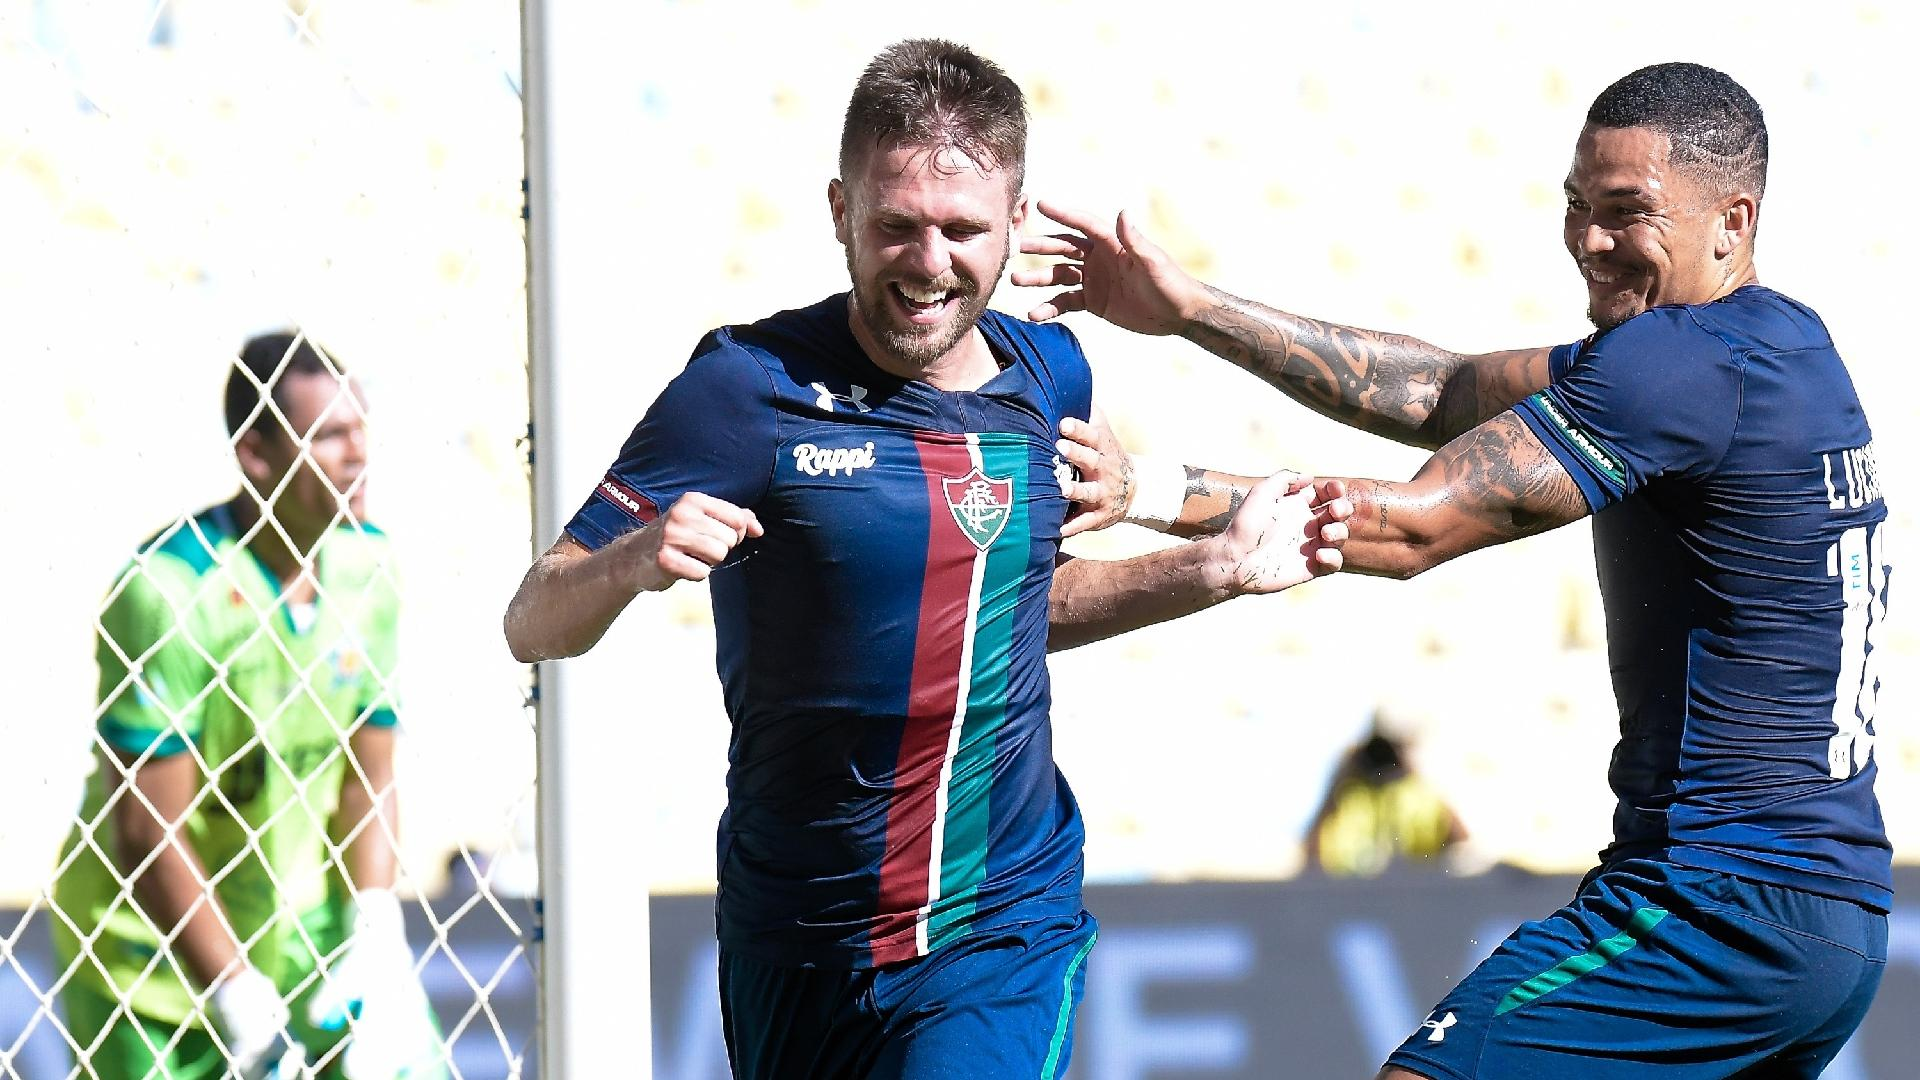 Ezequiel comemora após marcar pelo Fluminense sobre a Portuguesa-RJ